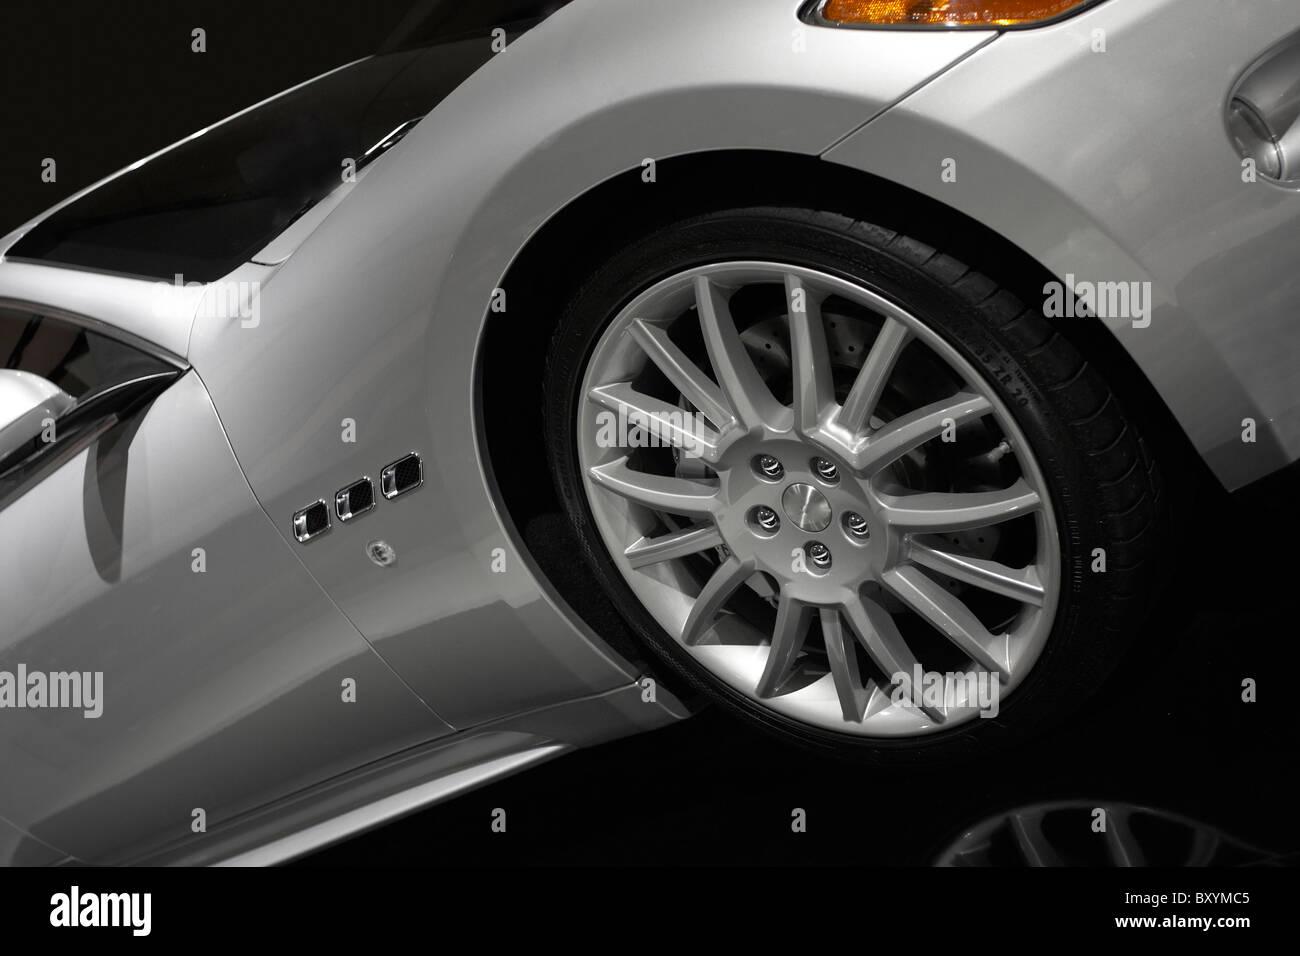 Stock Fotografie von einem silbernen Sportwagen Stockbild